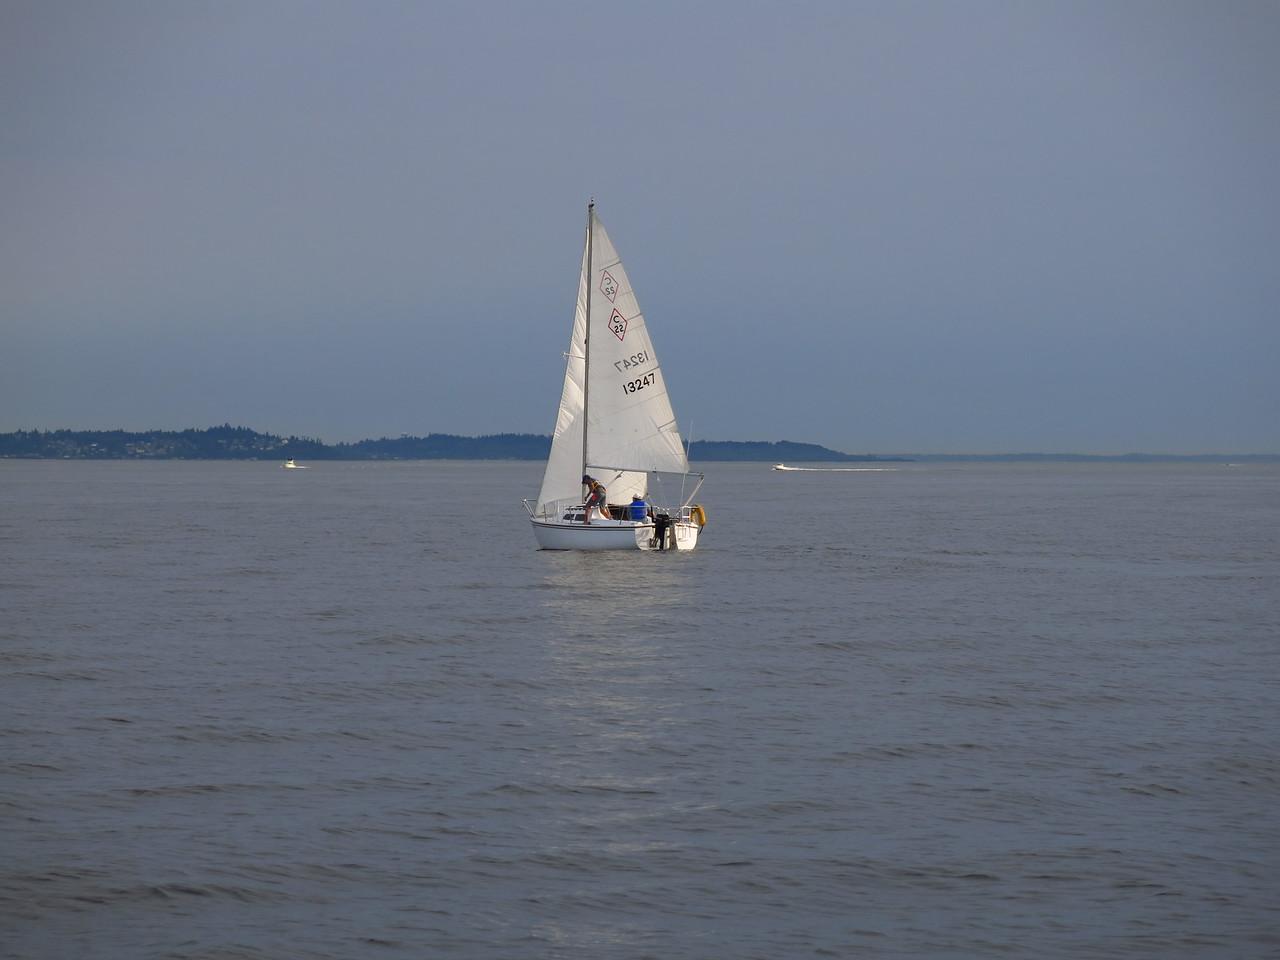 2015-08-02 Sail (39)